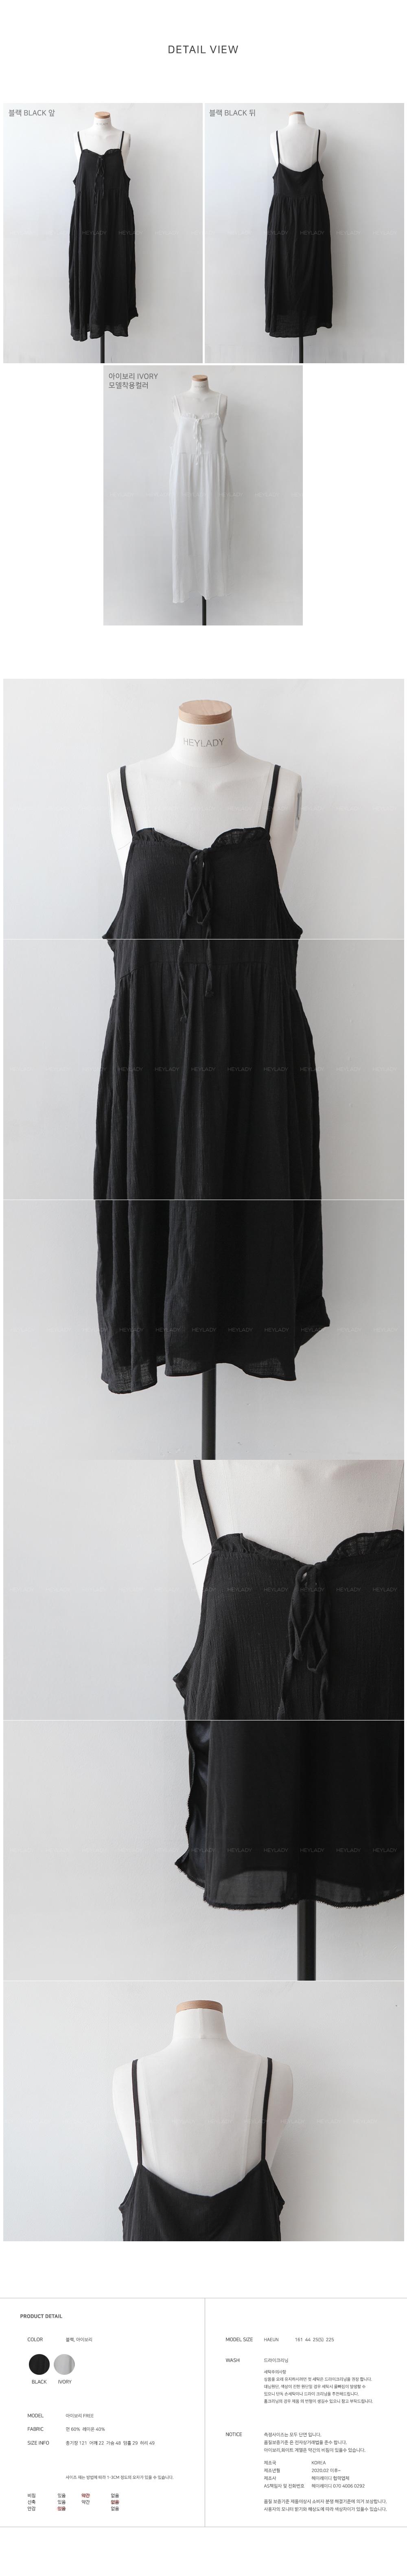 Nita frill dress